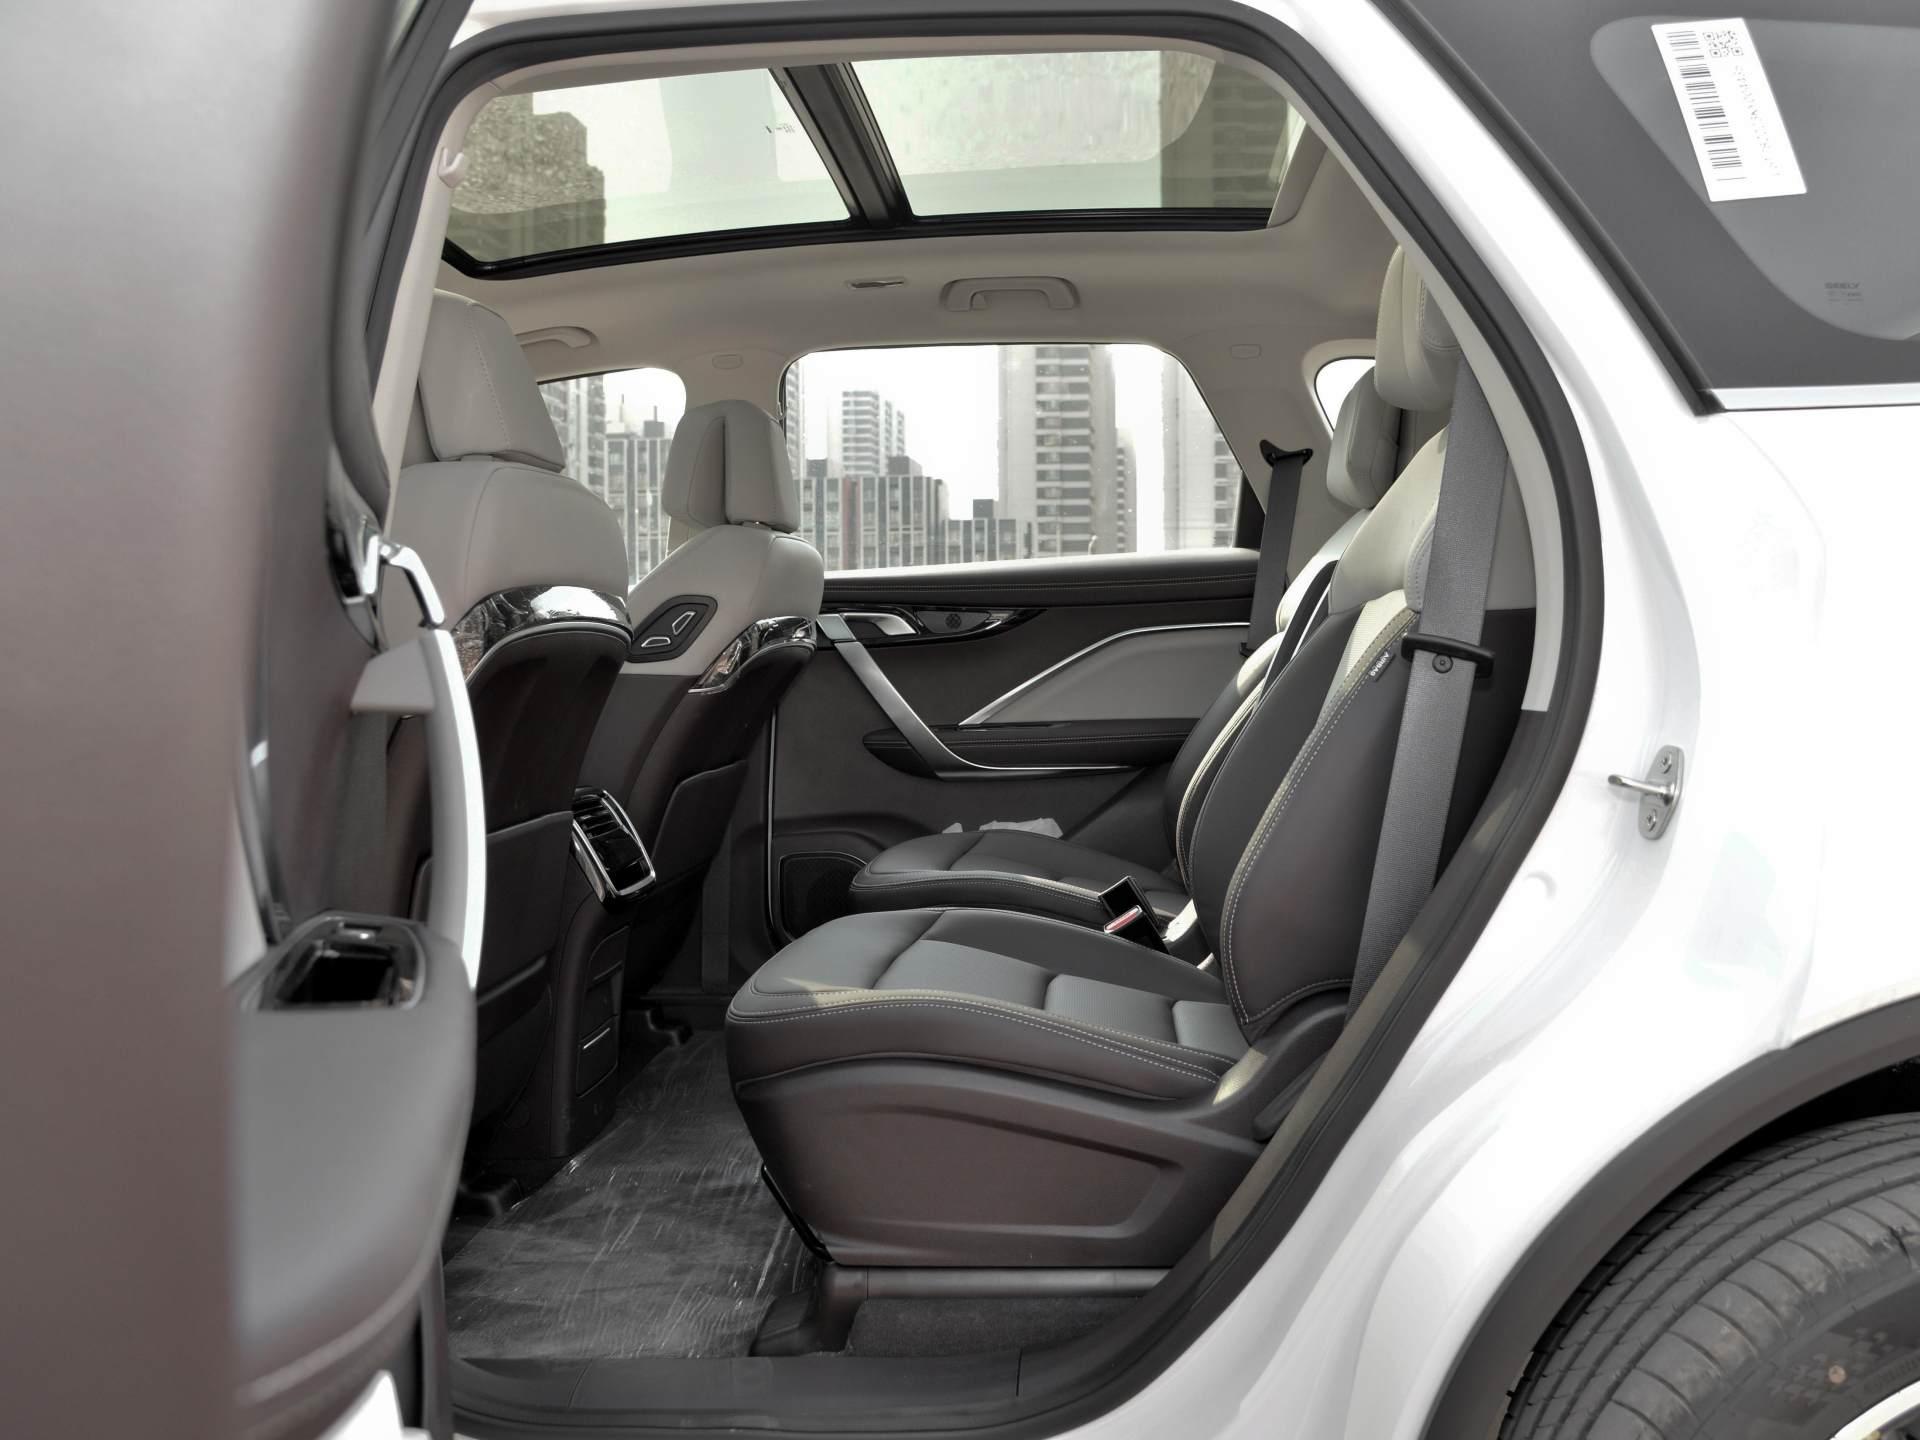 吉利造出成功MPV,頂配15萬配1.8T,軸距2805mm,四輪獨懸舒適佳-圖6